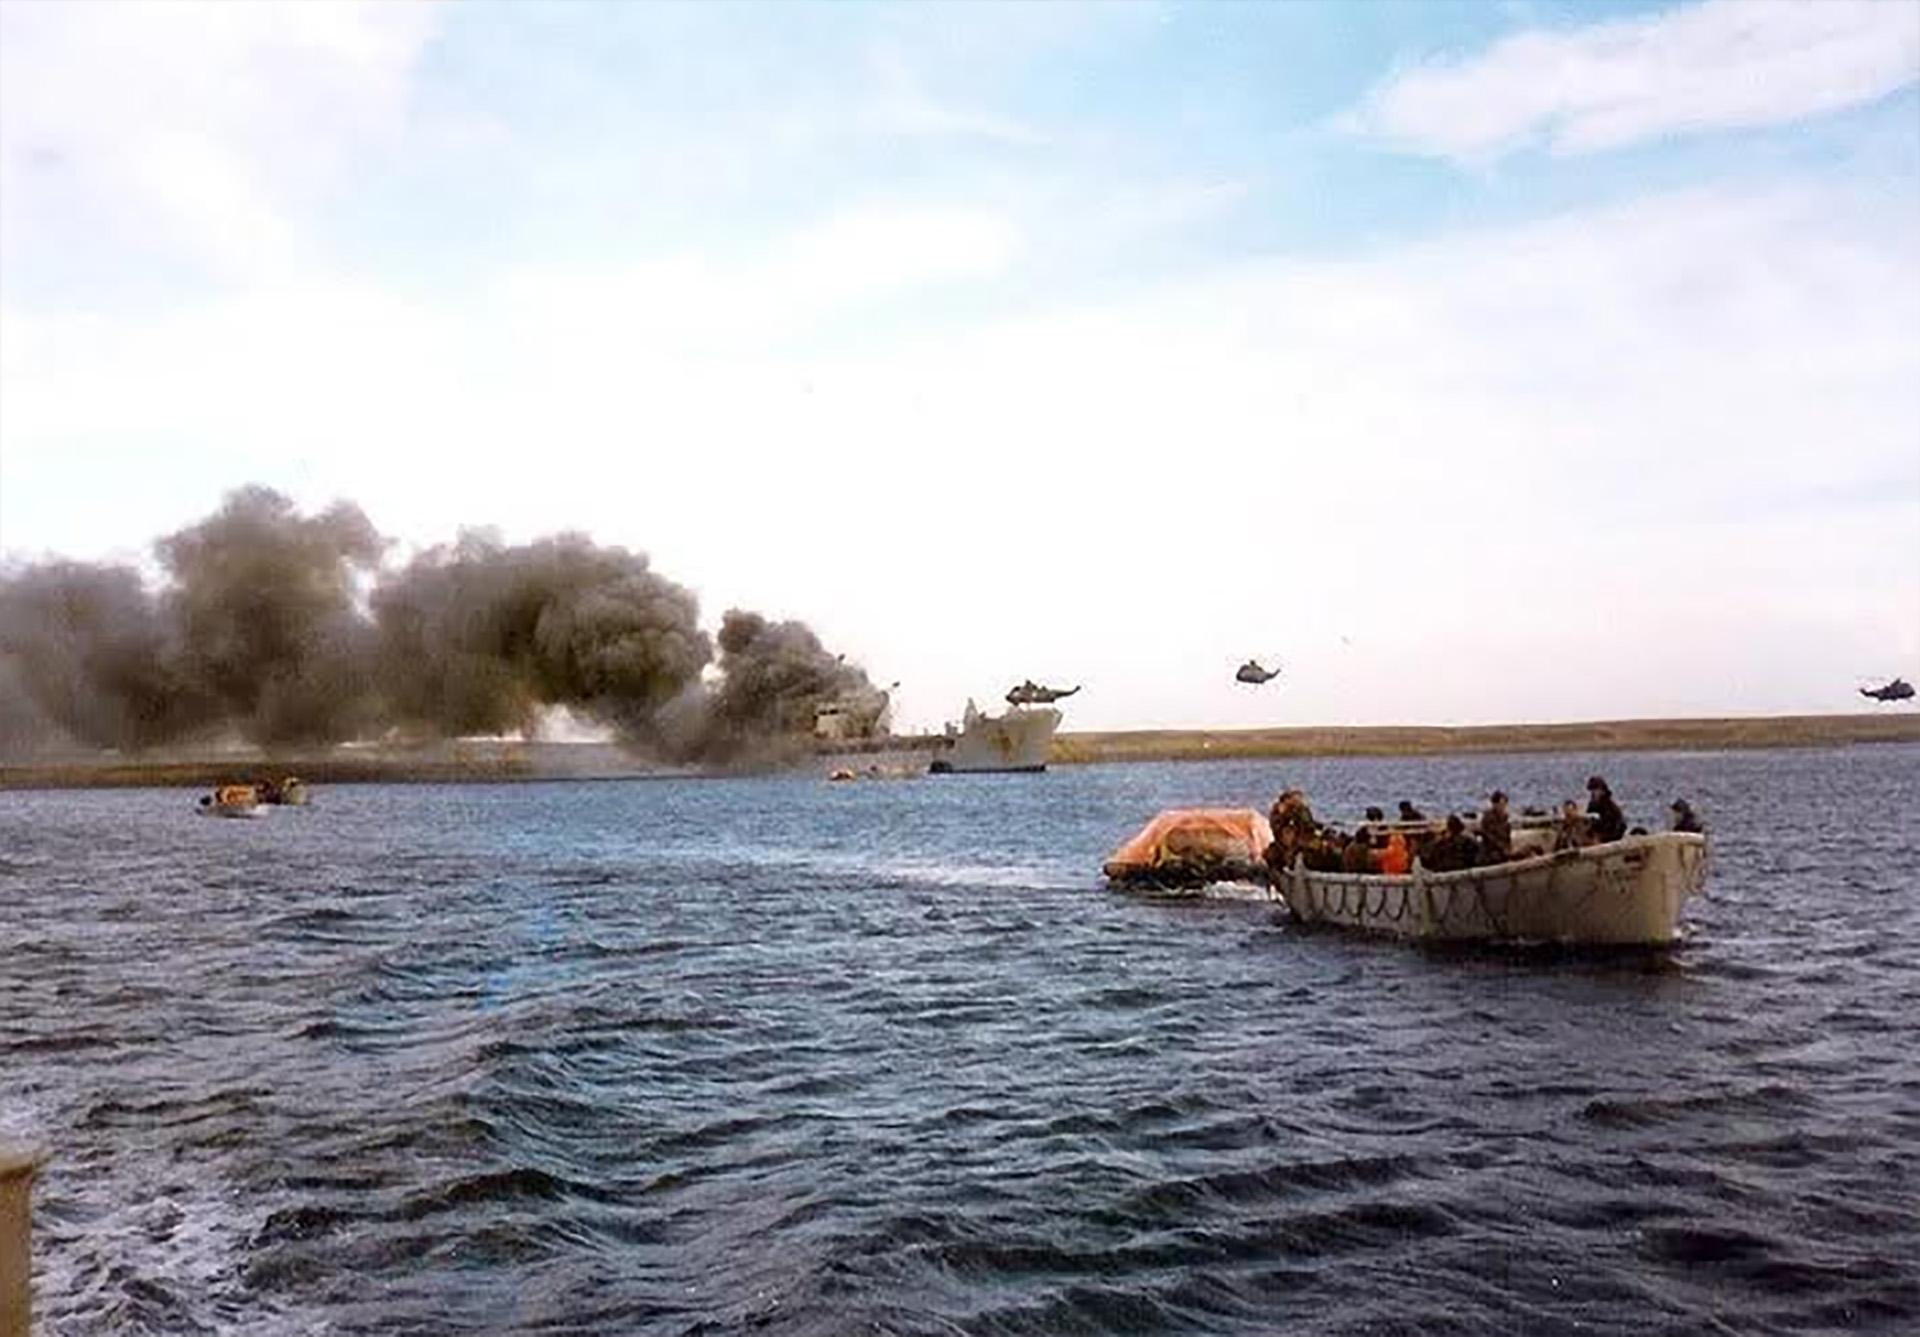 8 de junio: el rescate a la tropa británica(56 muertos y 200 heridos) luego del ataque de la Fuerza Aérea en Bahía Agradable. Los barcos de transporte de tropas de la Royal Navyqueintentabandesembarcar fueron bombardeados por aviones A4-B, A4-C y Mirage. Los barcos Sir Galahad y Sir Tristram fueron seriamente dañados, y sehundió la lancha de desembarco Fearless